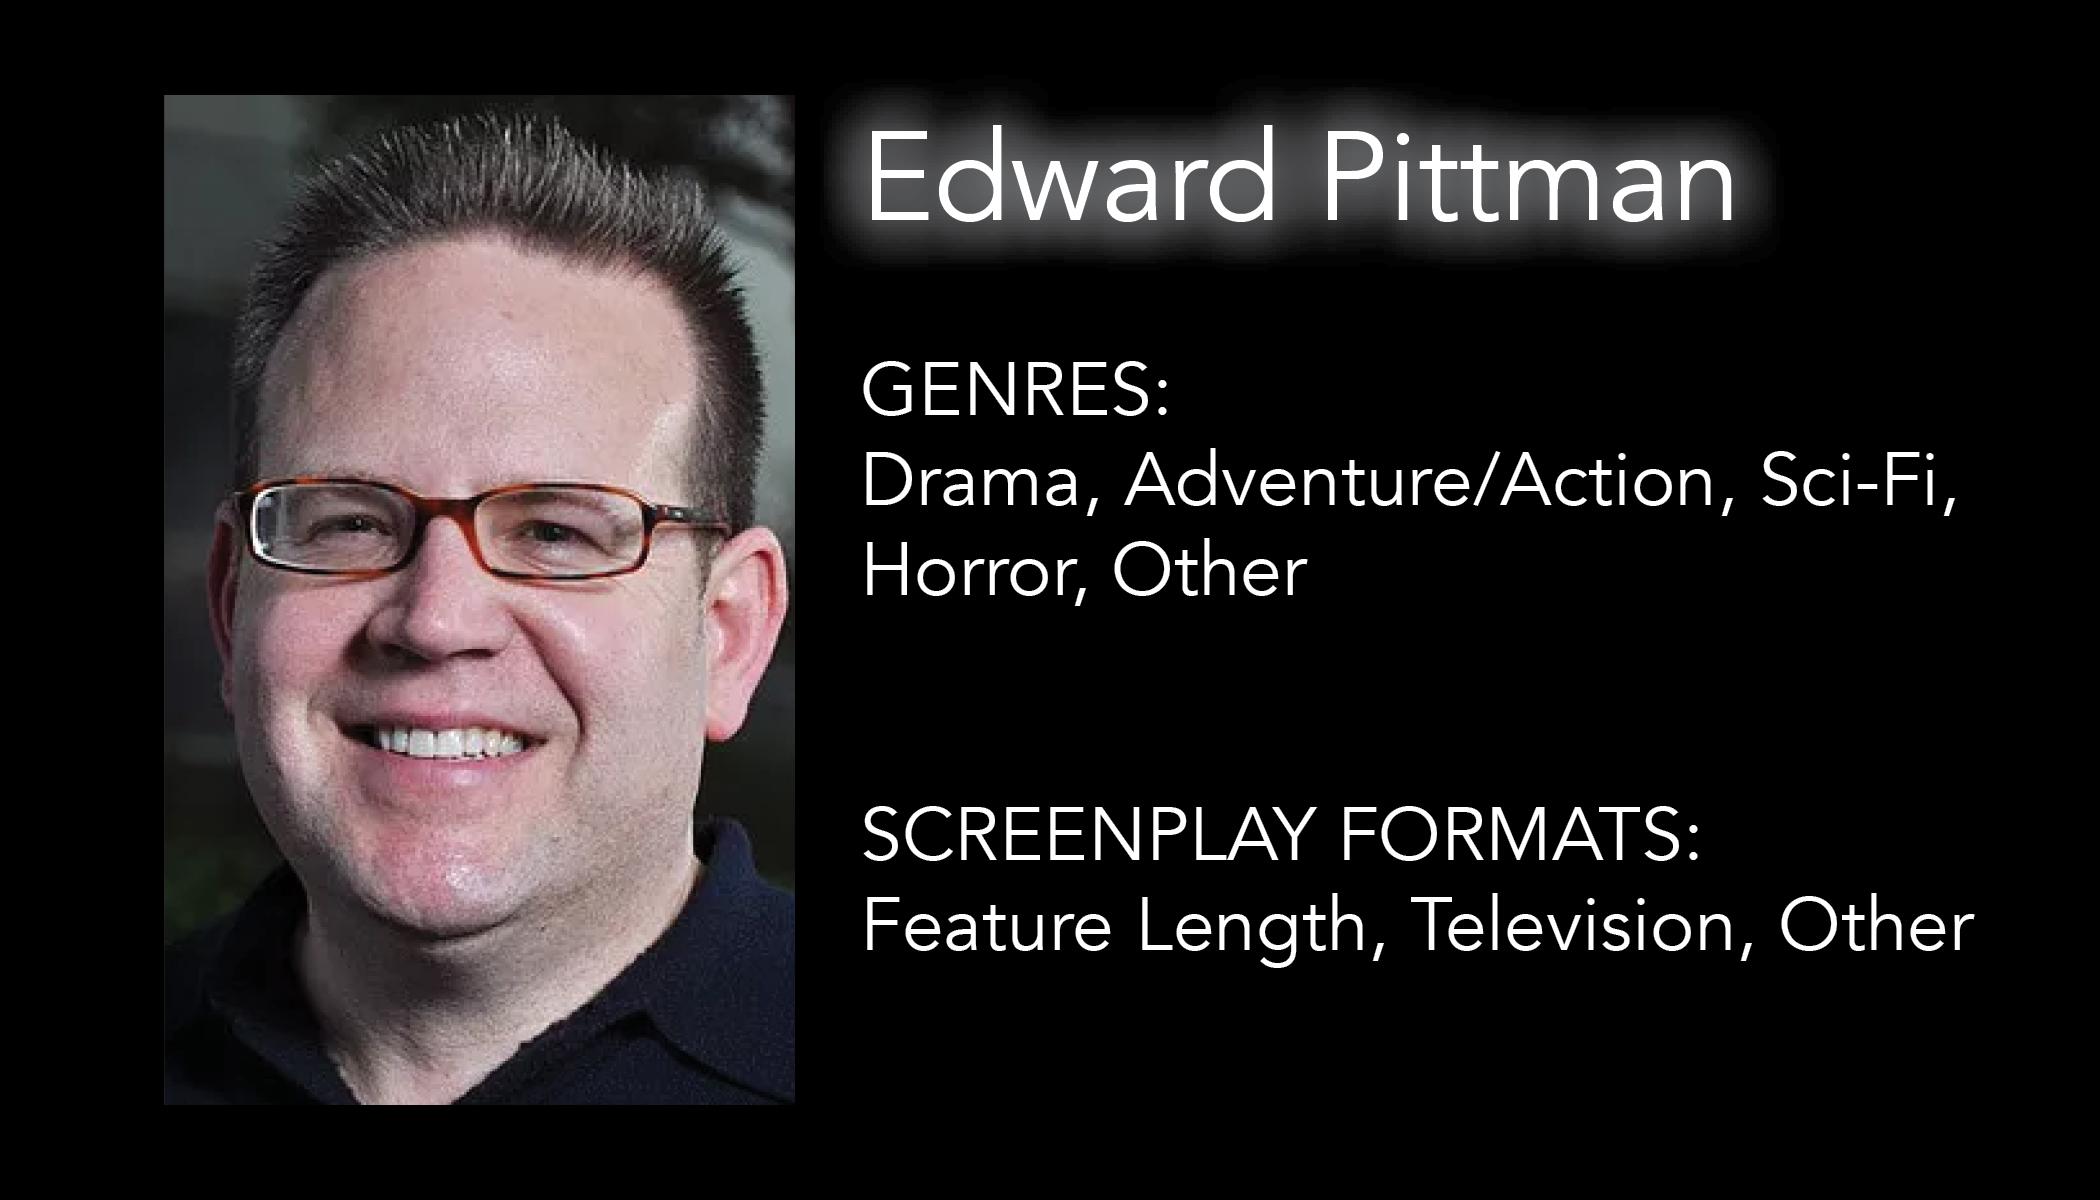 Edward Pittman